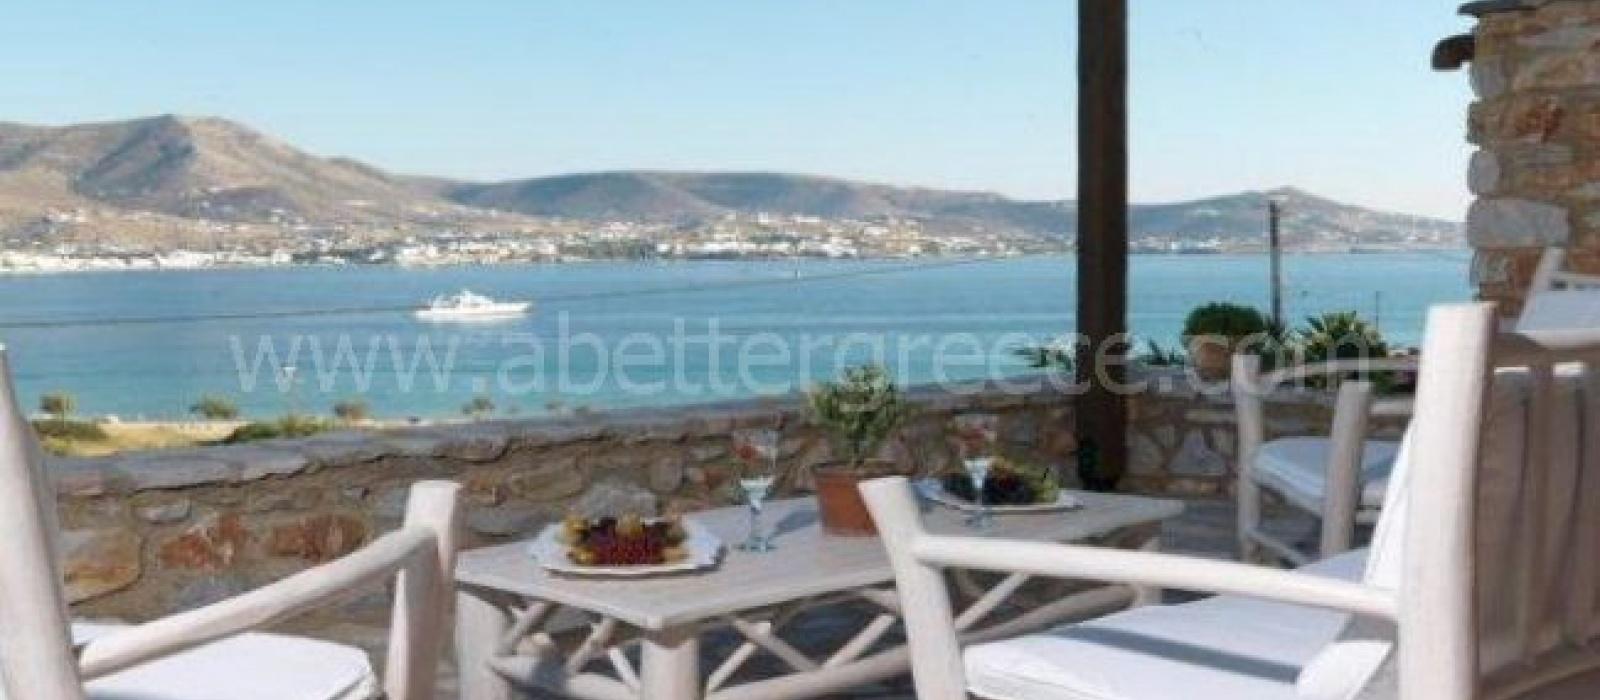 3 Bedrooms, Villa, Vacation Rental, 2 Bathrooms, Listing ID 1012, Paros, Greece,